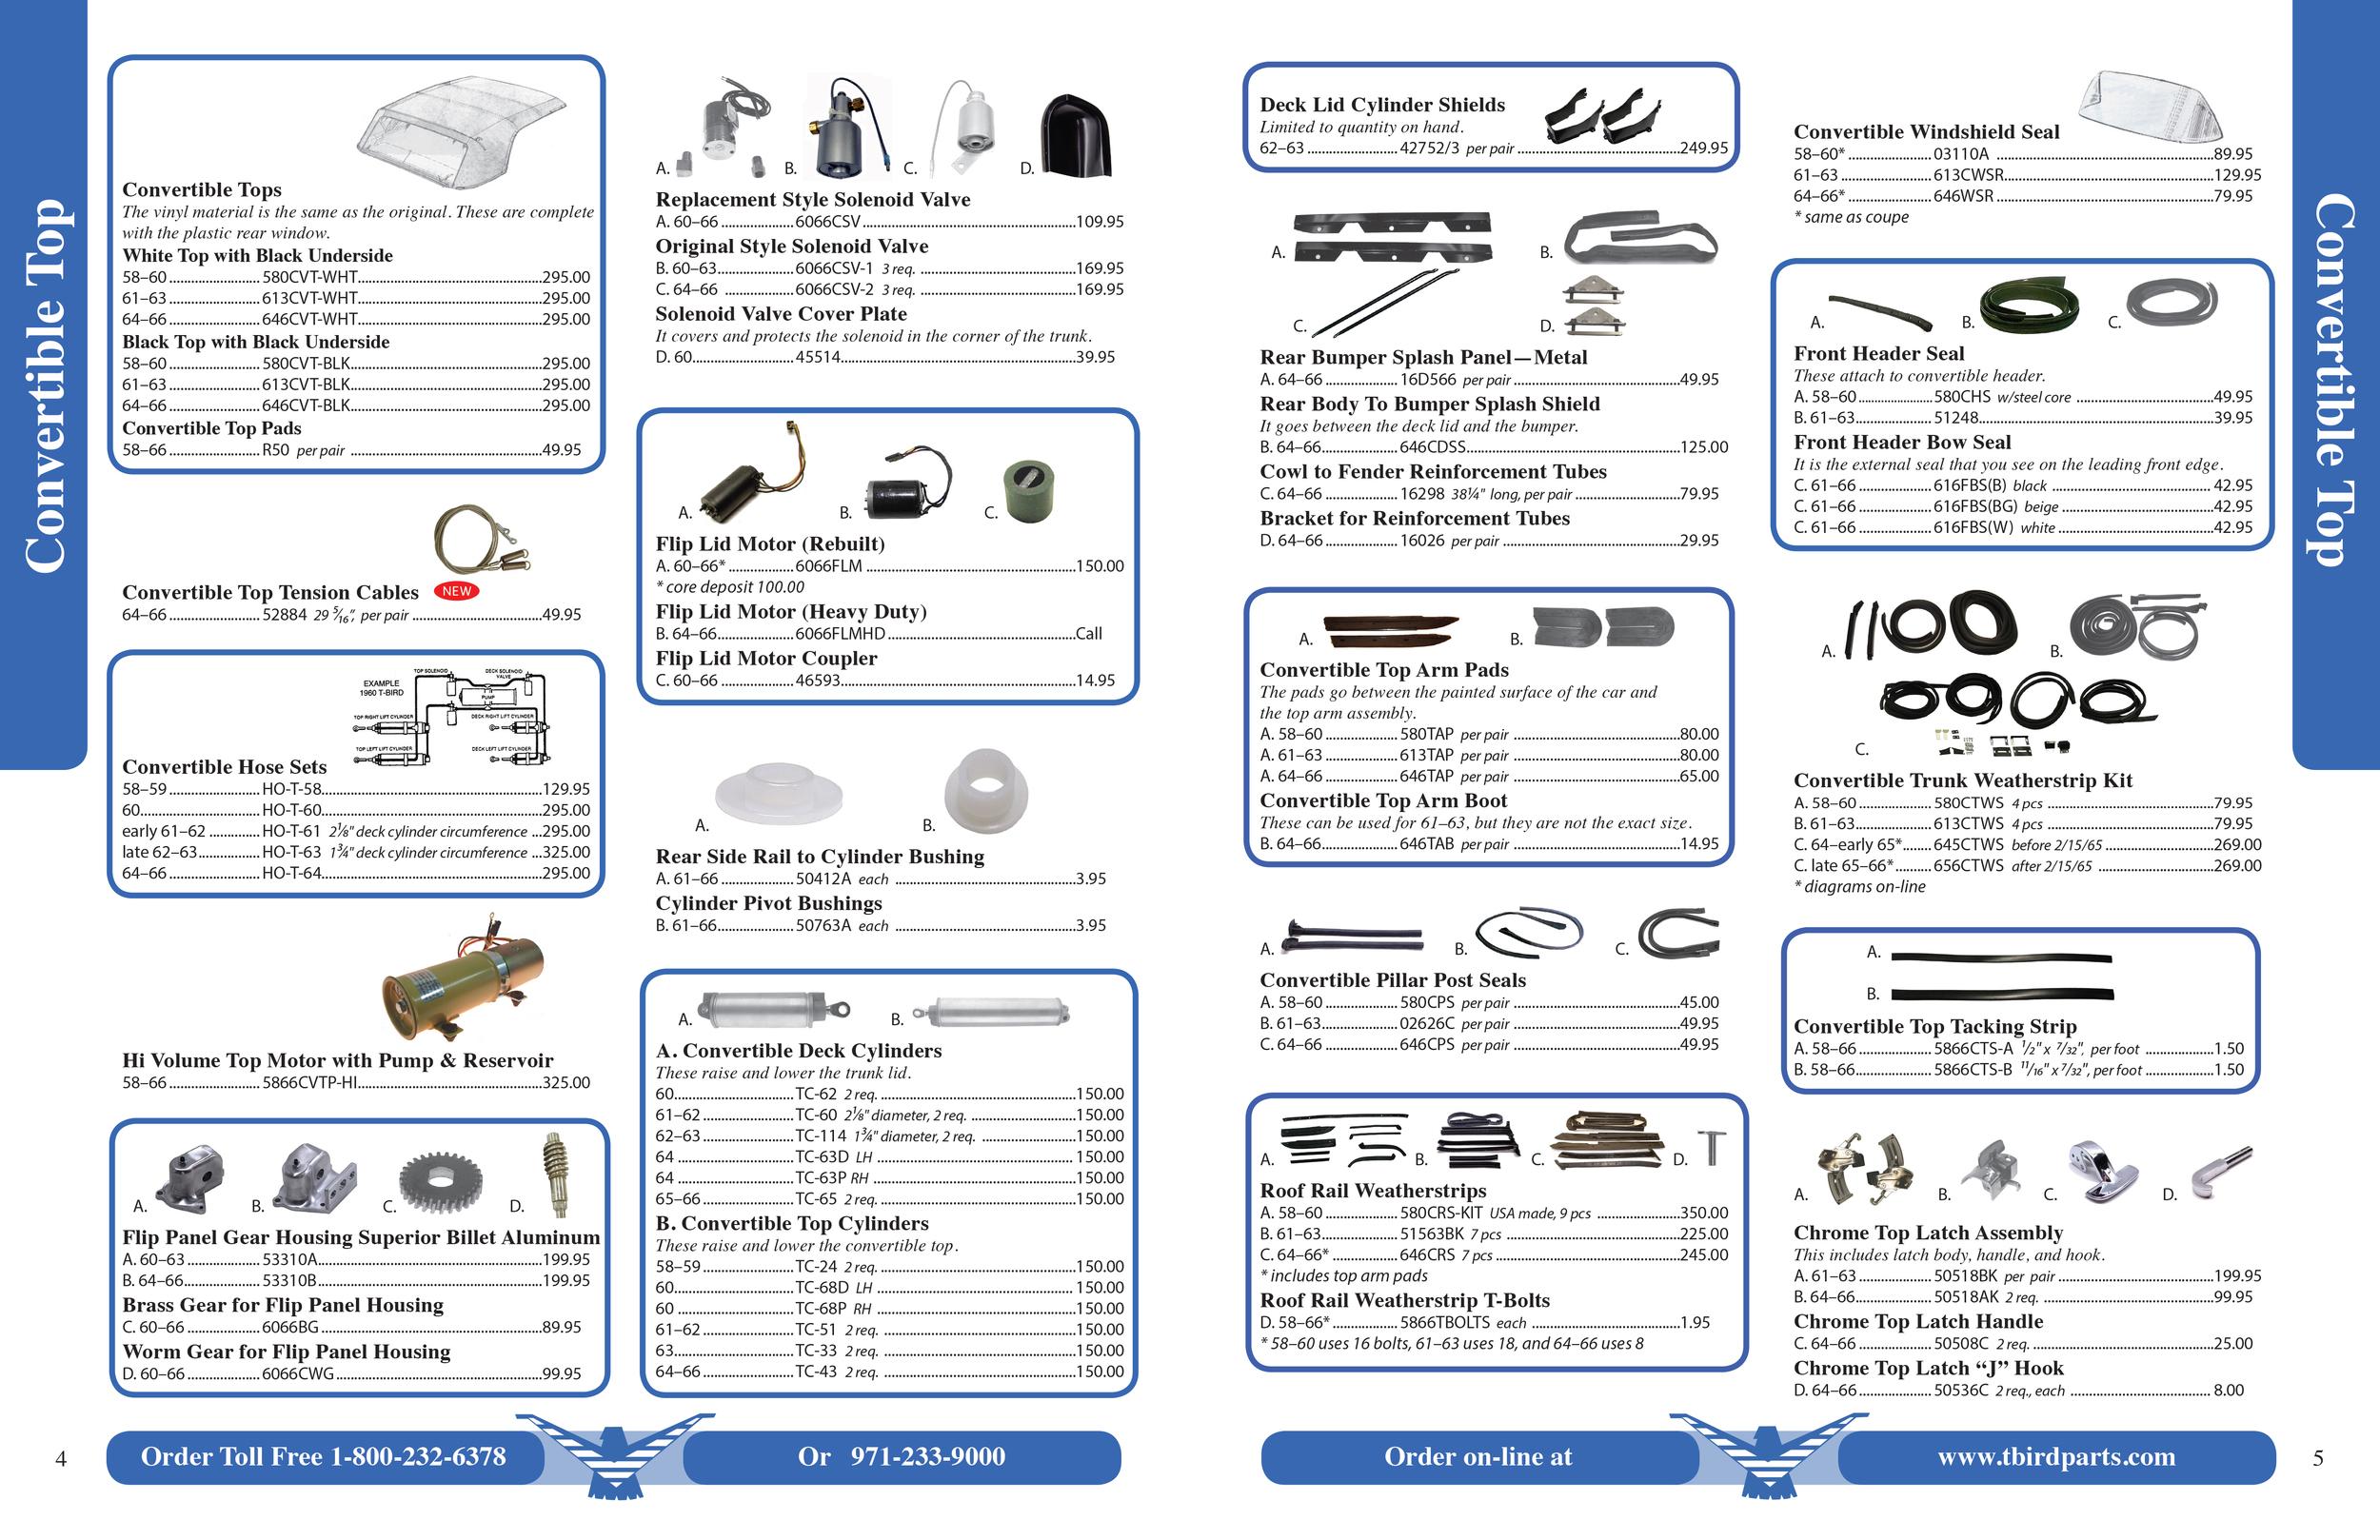 Bird Nest Catalog Inside 2.jpg